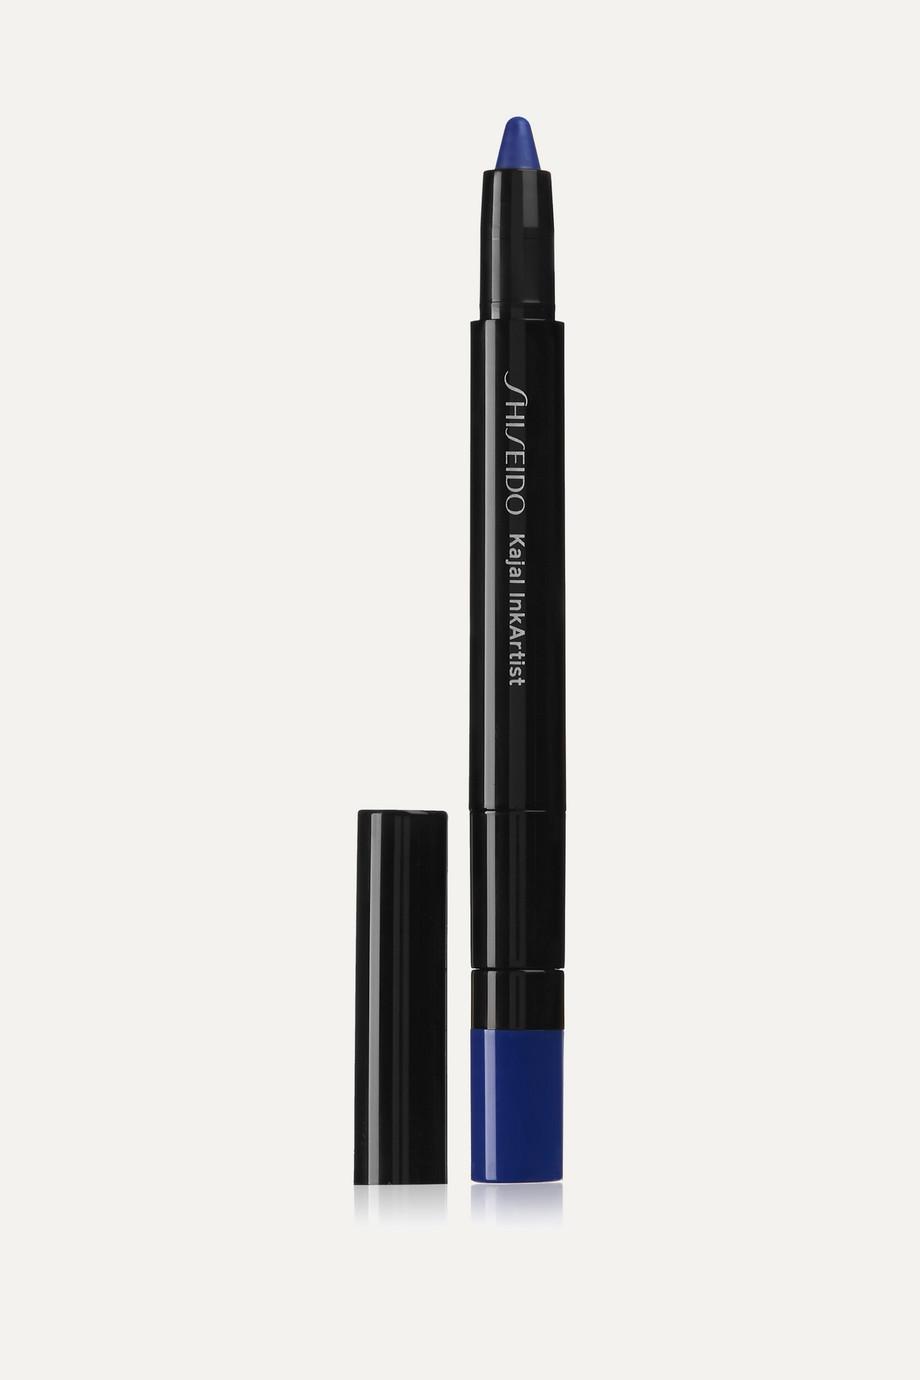 Shiseido Kajal InkArtist – Gunjo Blue 08 – Kajal